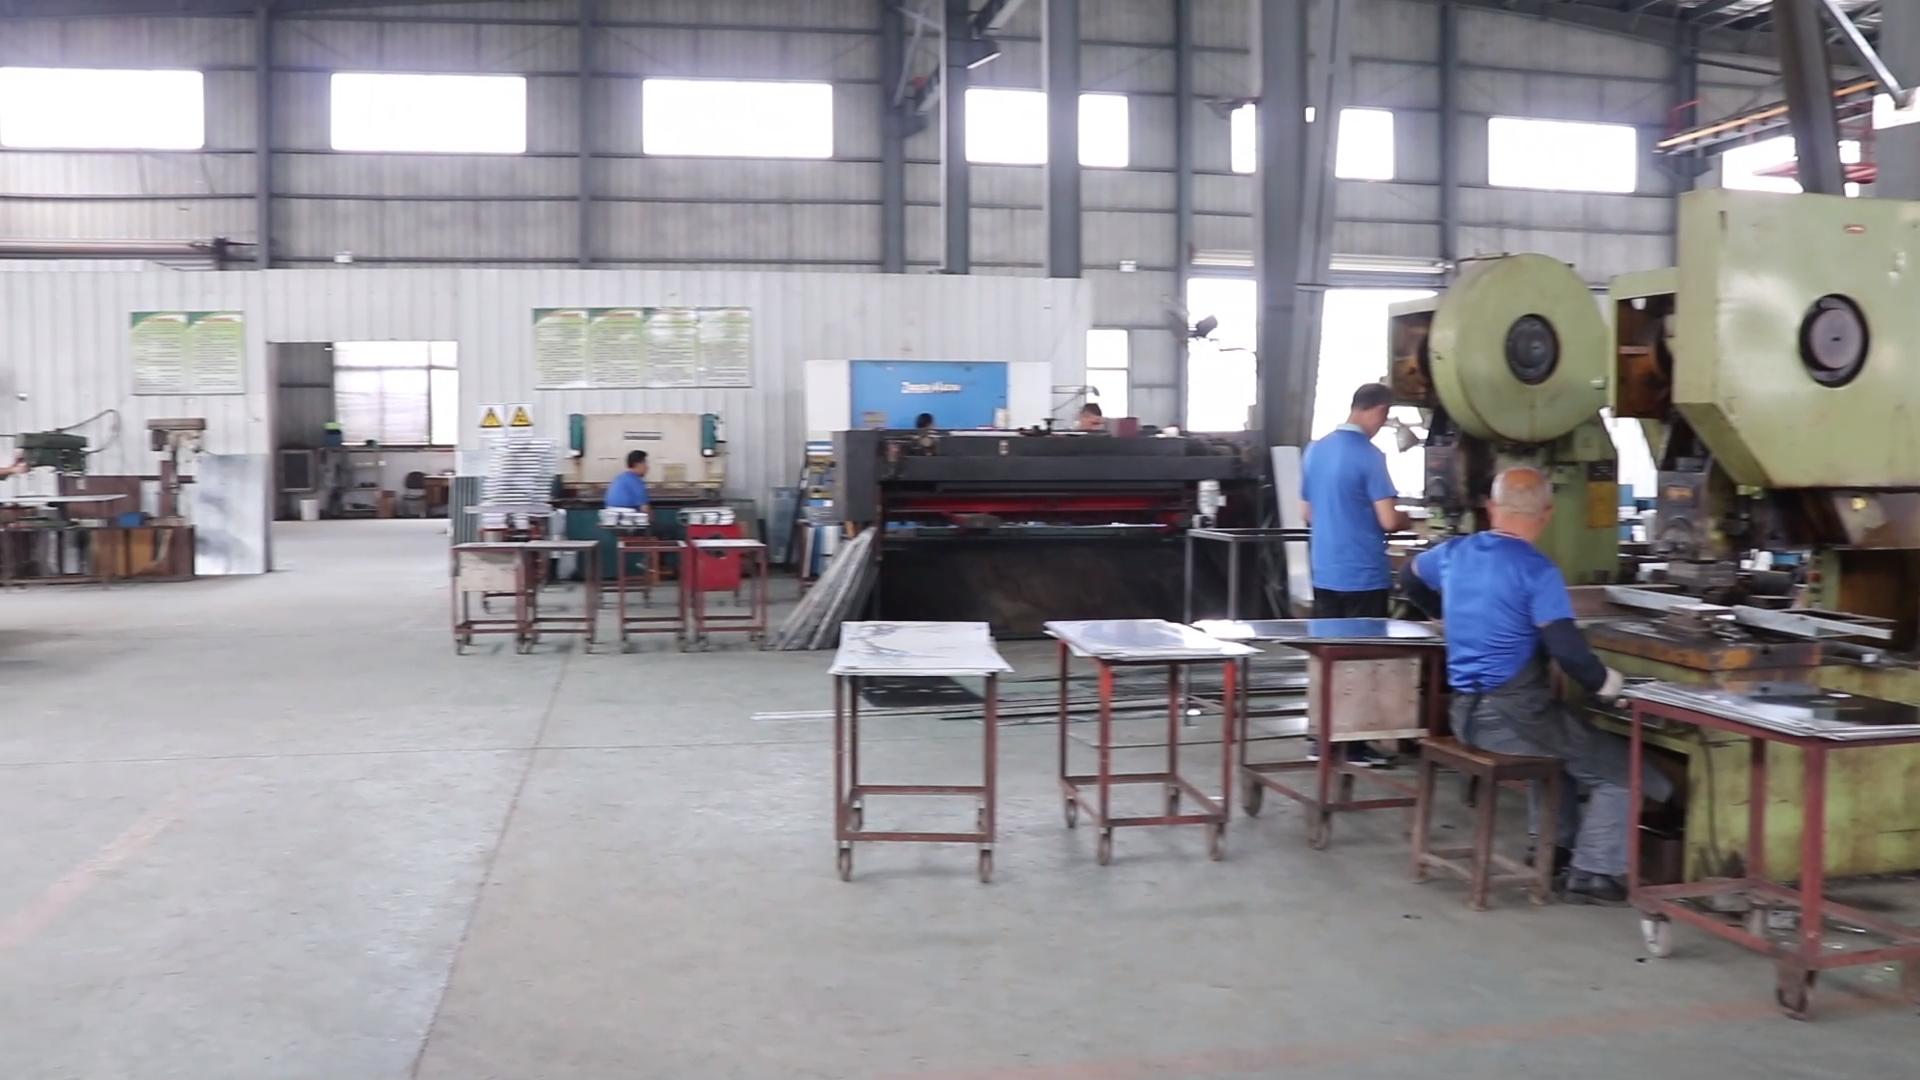 LGK 100 120 fabrika fiyat endüstriyel taşınabilir küçük invertör plazma kesme makinası